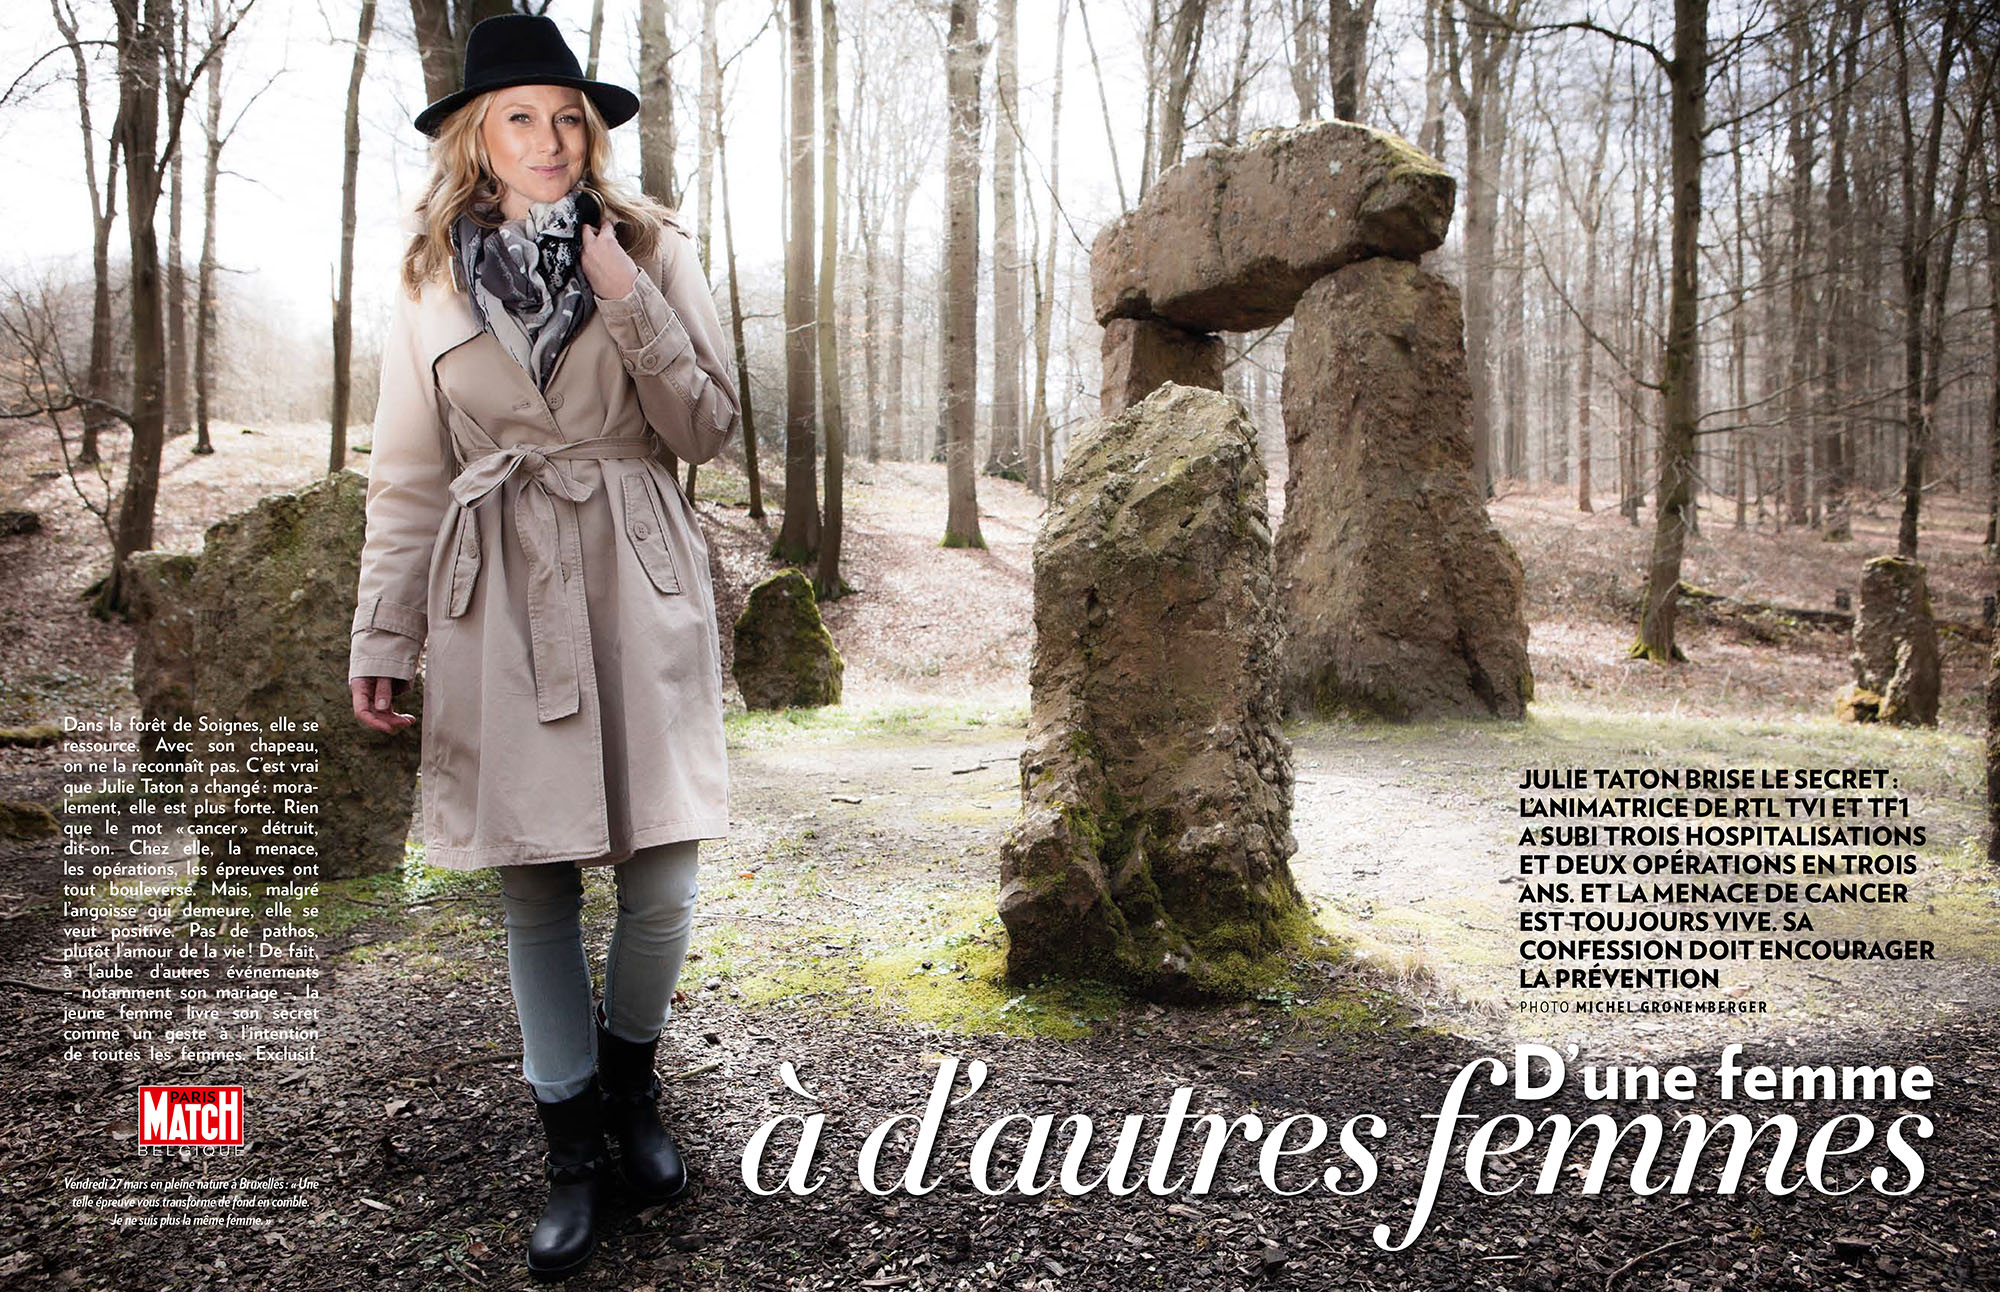 Julie Taton l'animatrice d'RTL-TVI et de TF1 Secret Story parle du cancer et de son papillomavirus dans une lettre émouvante publiée en exclusivité dans Paris Match Belgique.